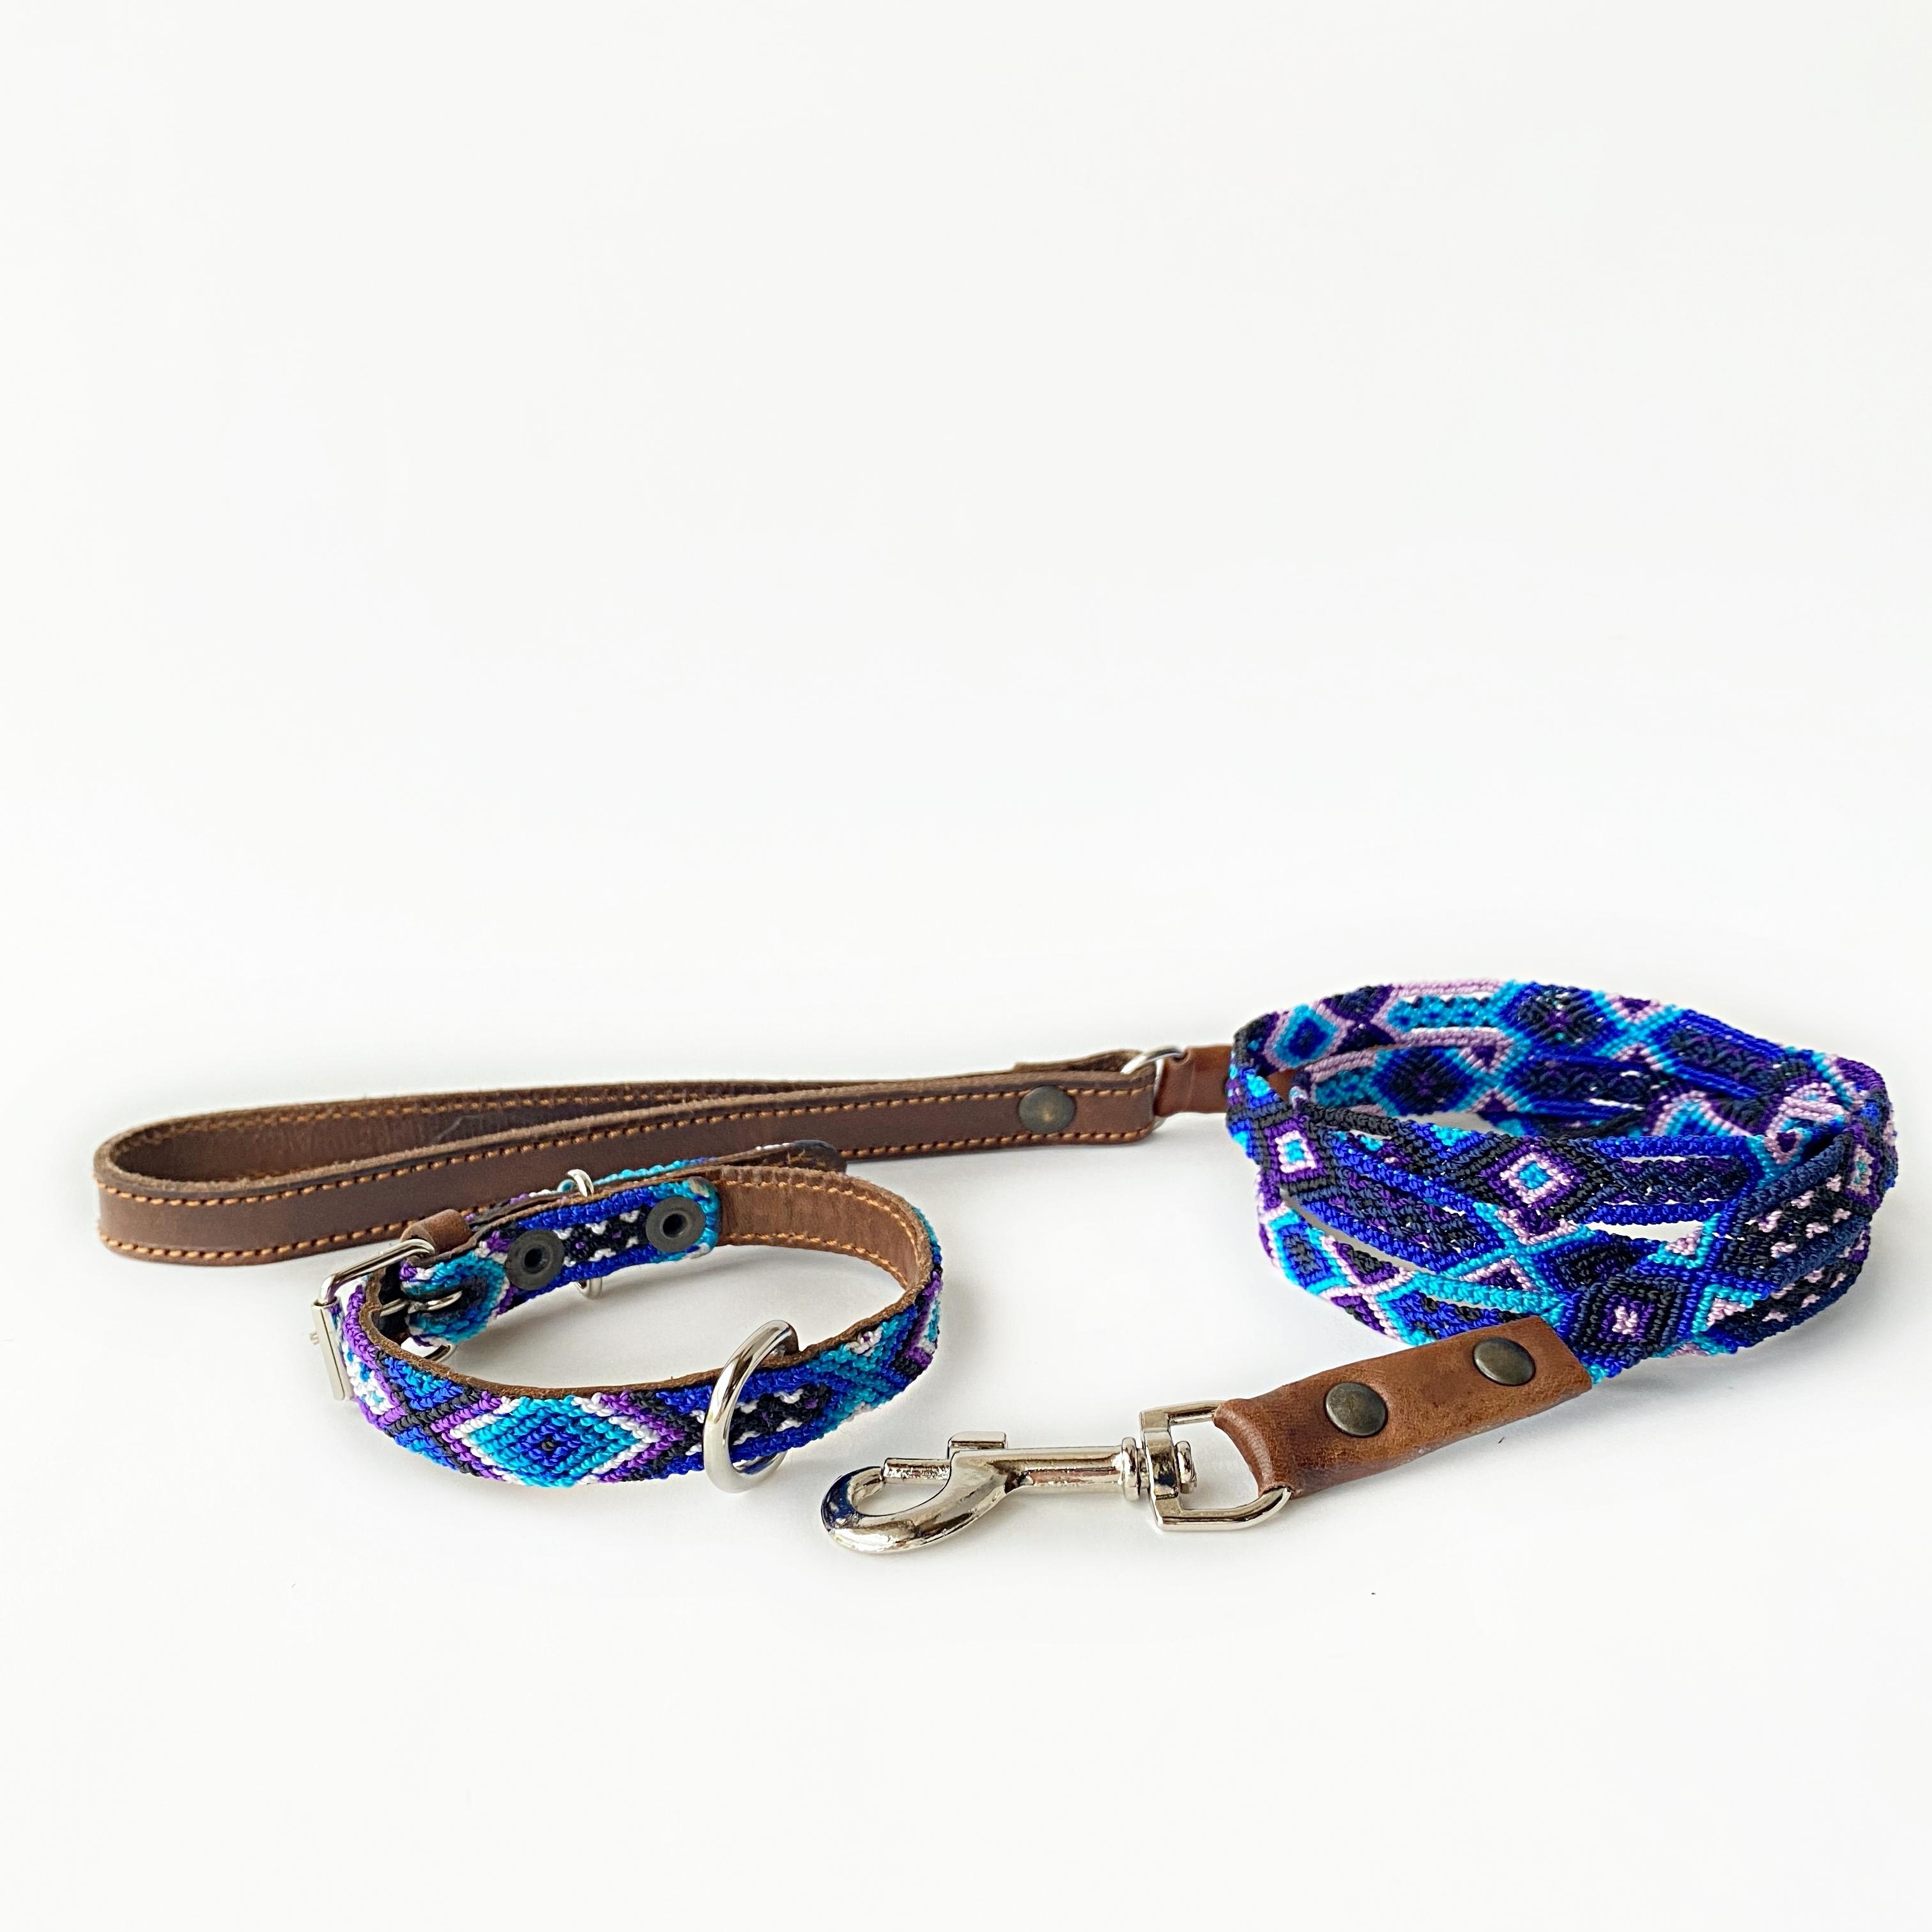 セット (犬の首輪 -サイズXS mini- /リード -サイズ S-) [レイニーデイズ]